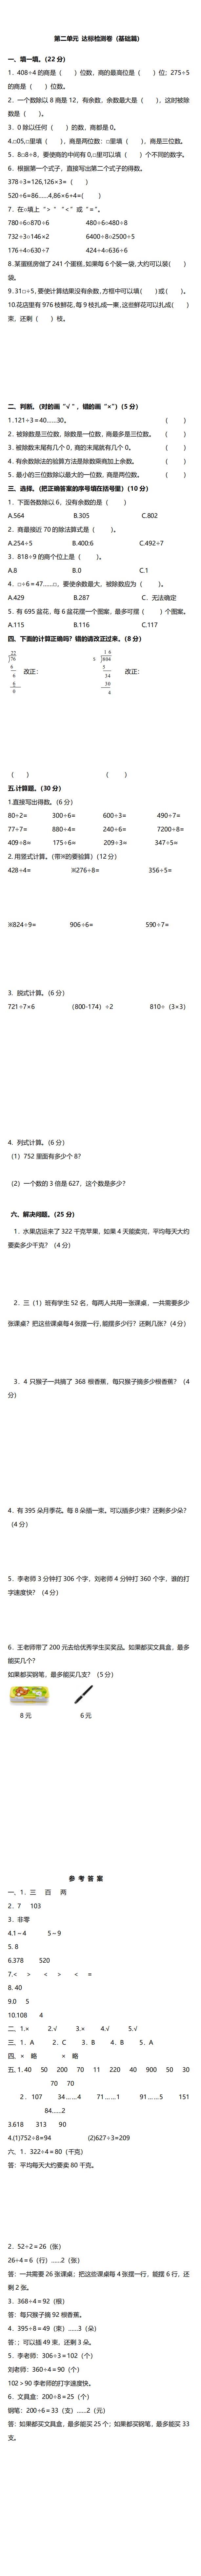 人教版3年级数学下册第二单元过关测试卷及答案_0.jpg